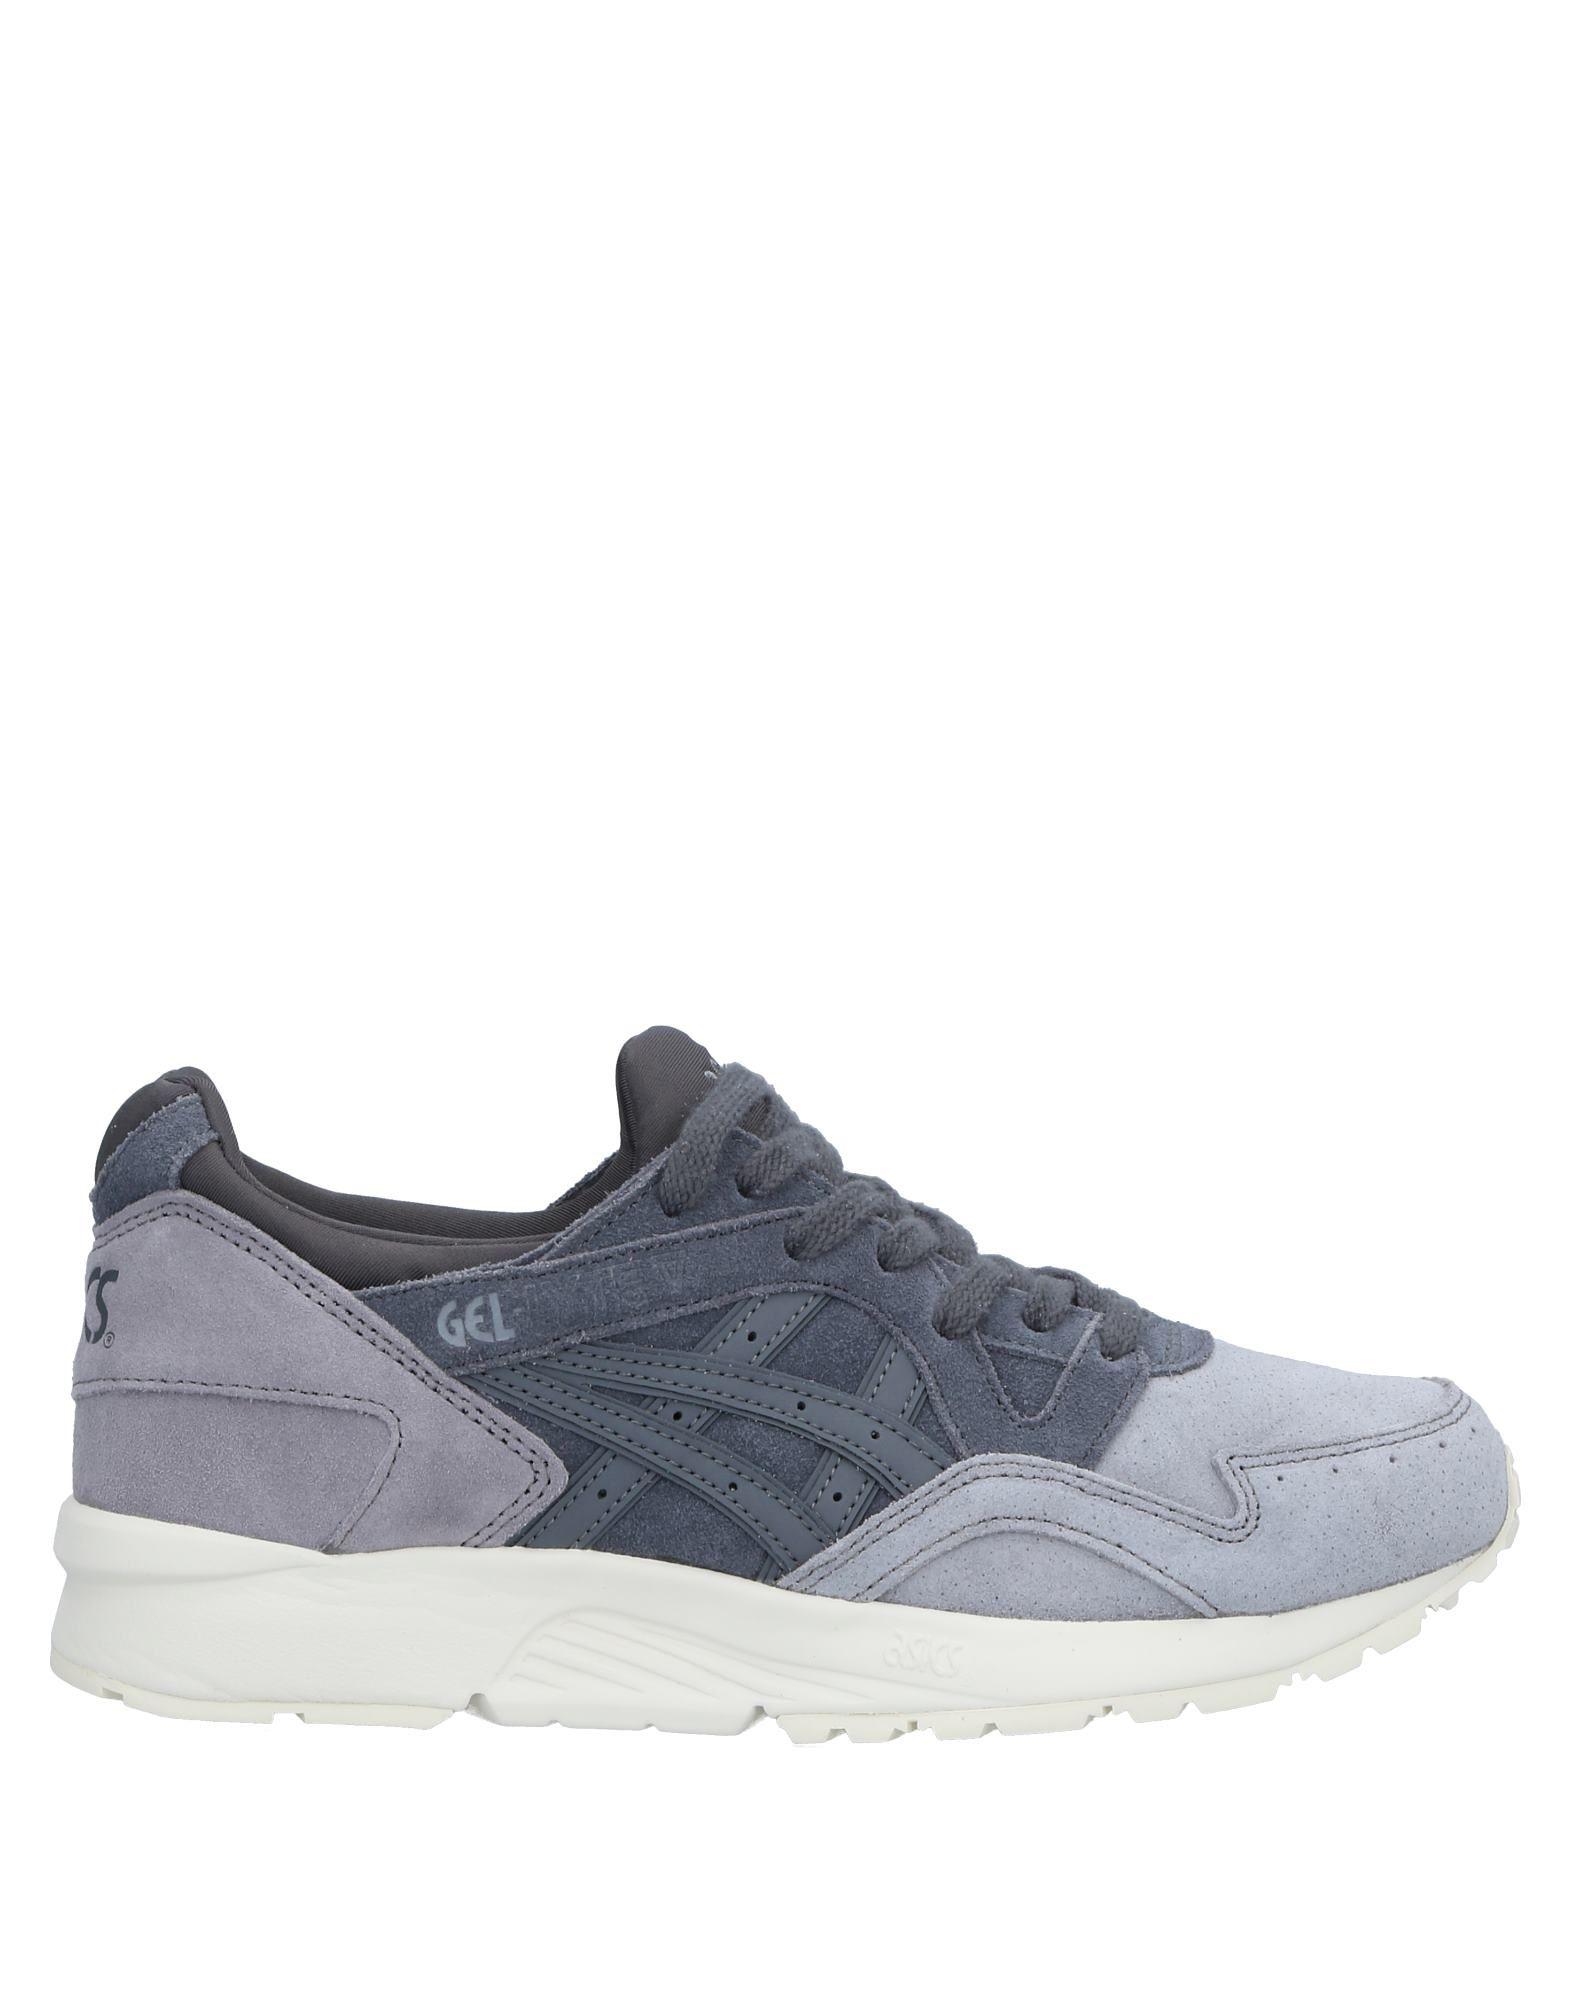 Sneakers Asics Tiger Donna - 11535806EF 11535806EF - 9661da